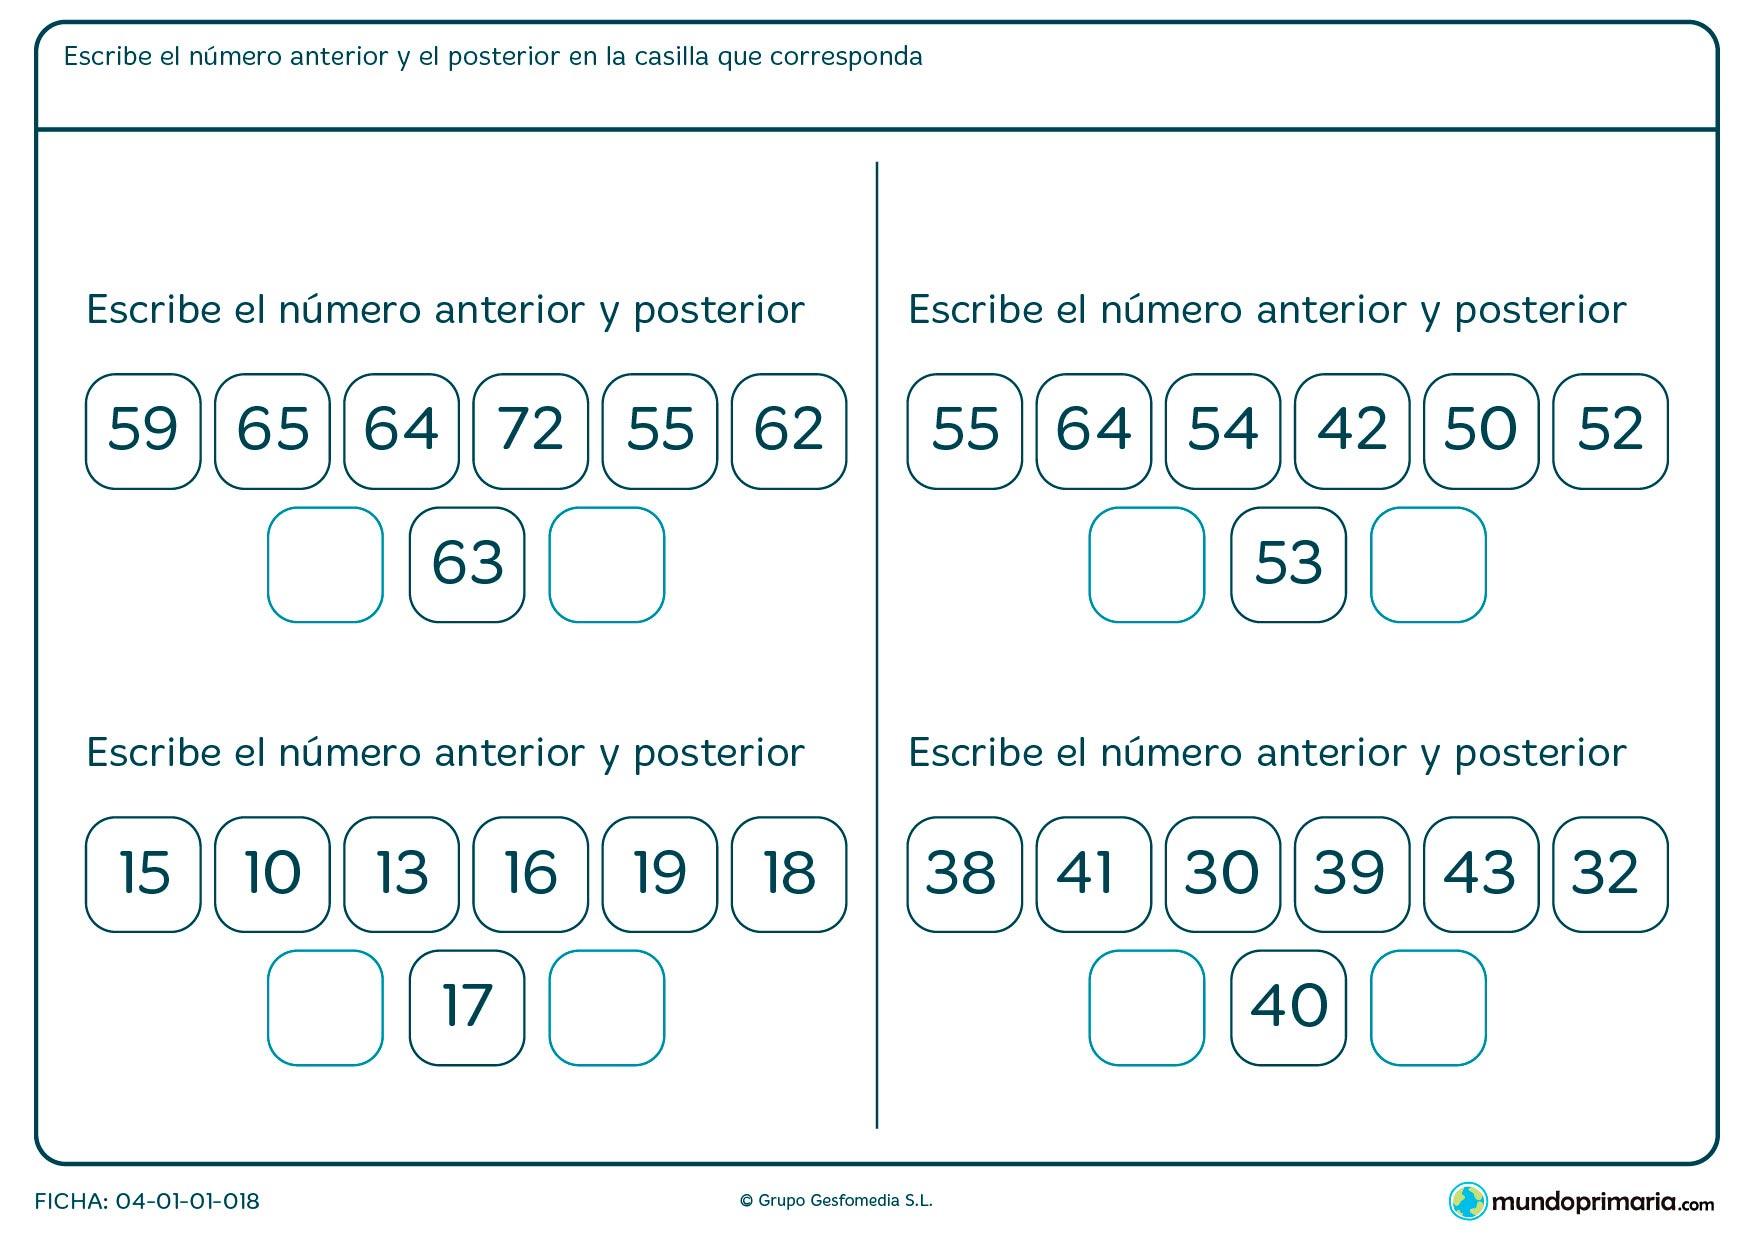 Ficha de número anterior y posterior a uno que te facilitamos, elige 2 a colocar entre 6 posibles respuestas.